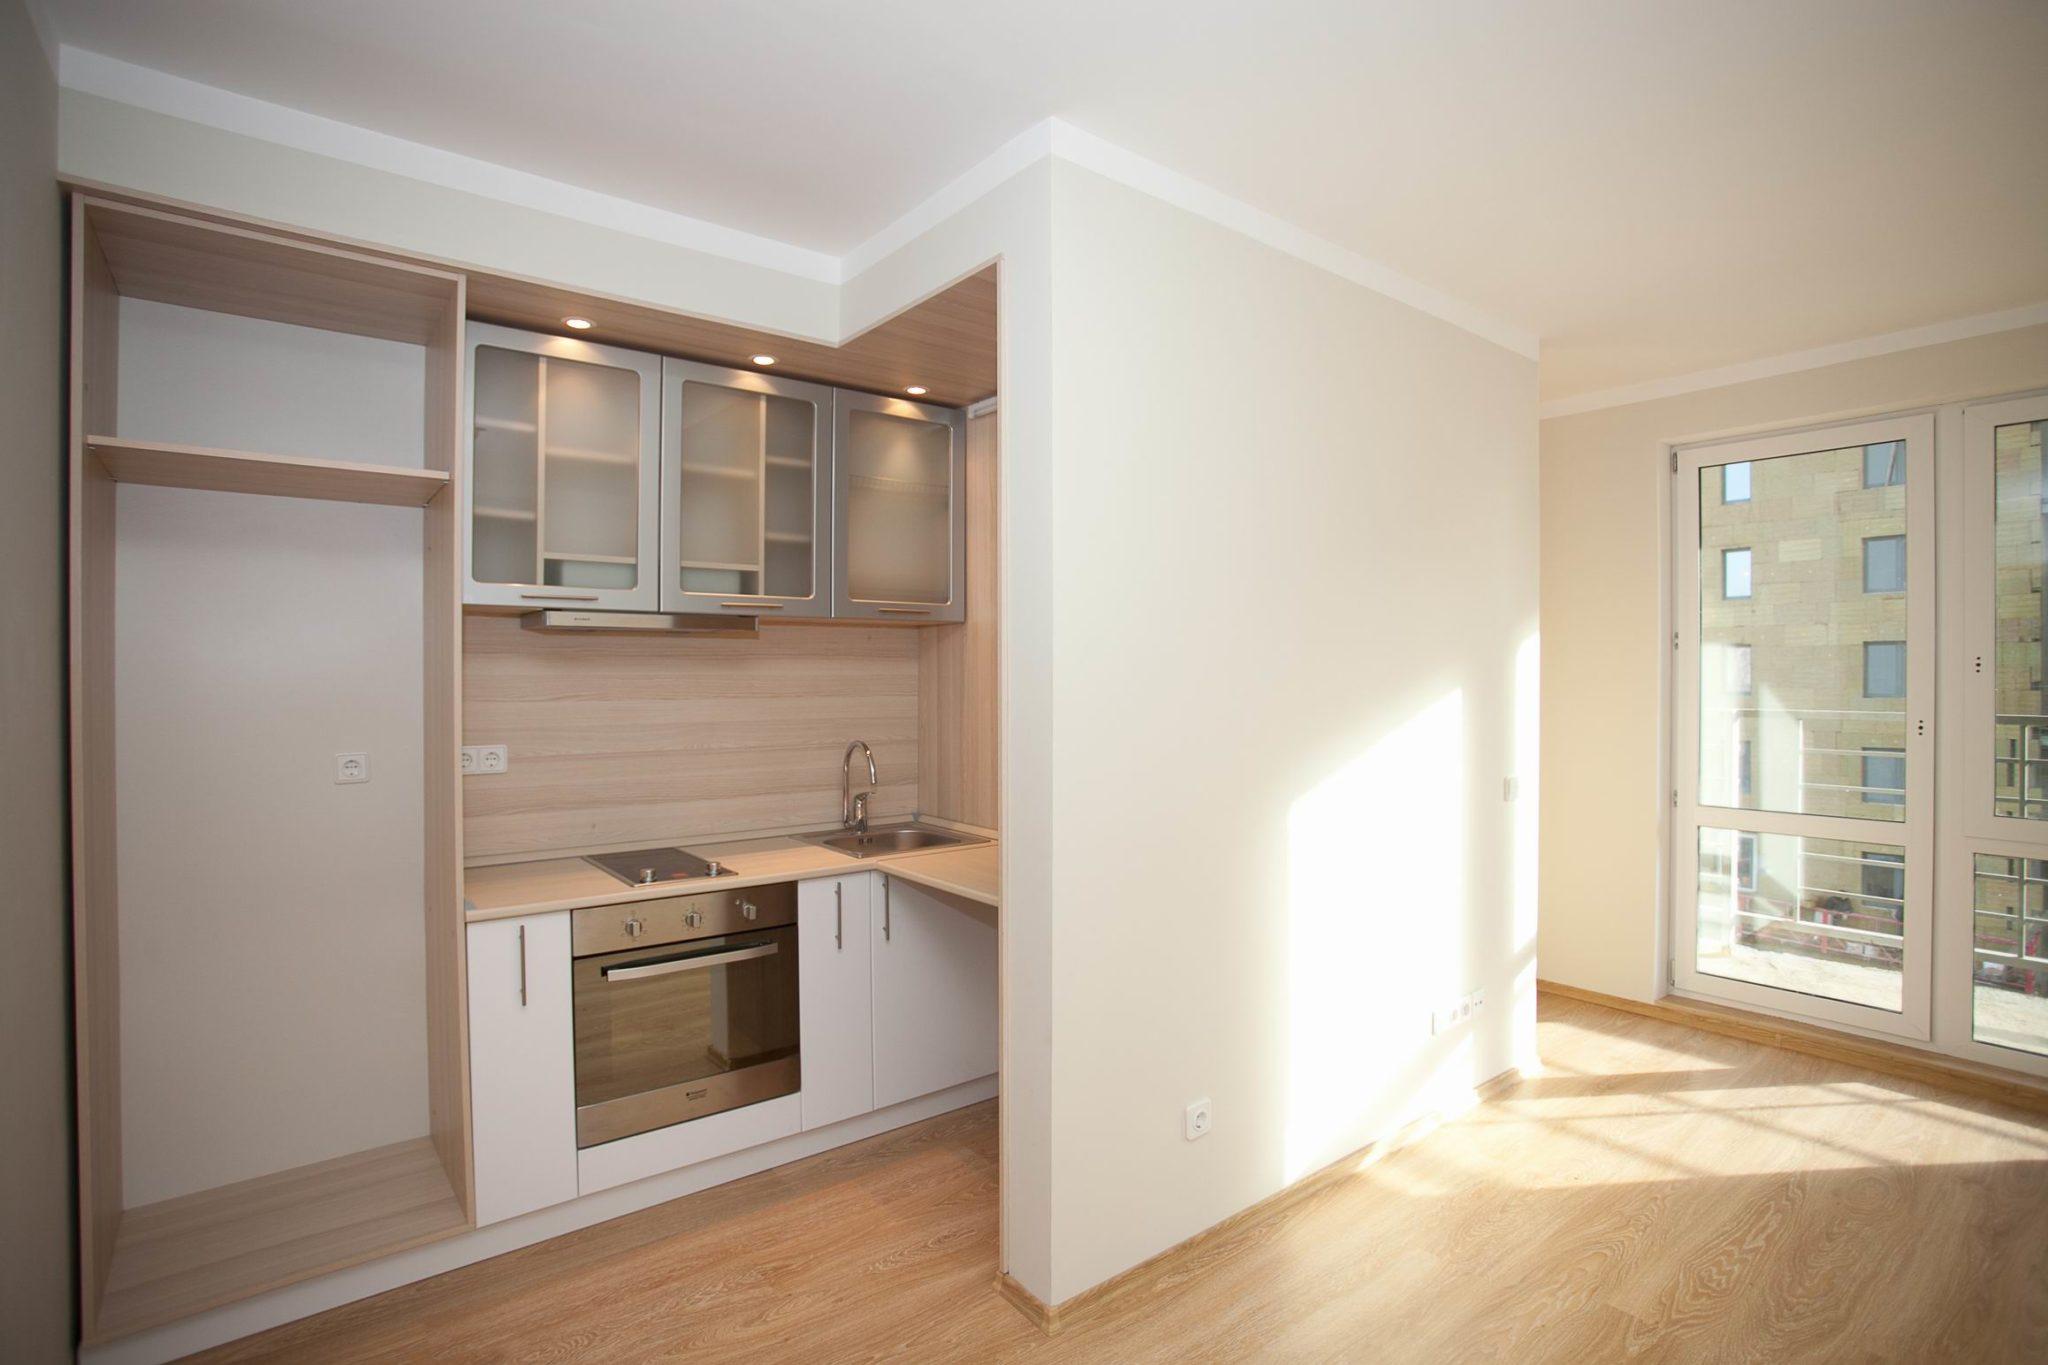 Перенос кухни в коридор: правовые вопросы перепланировки.